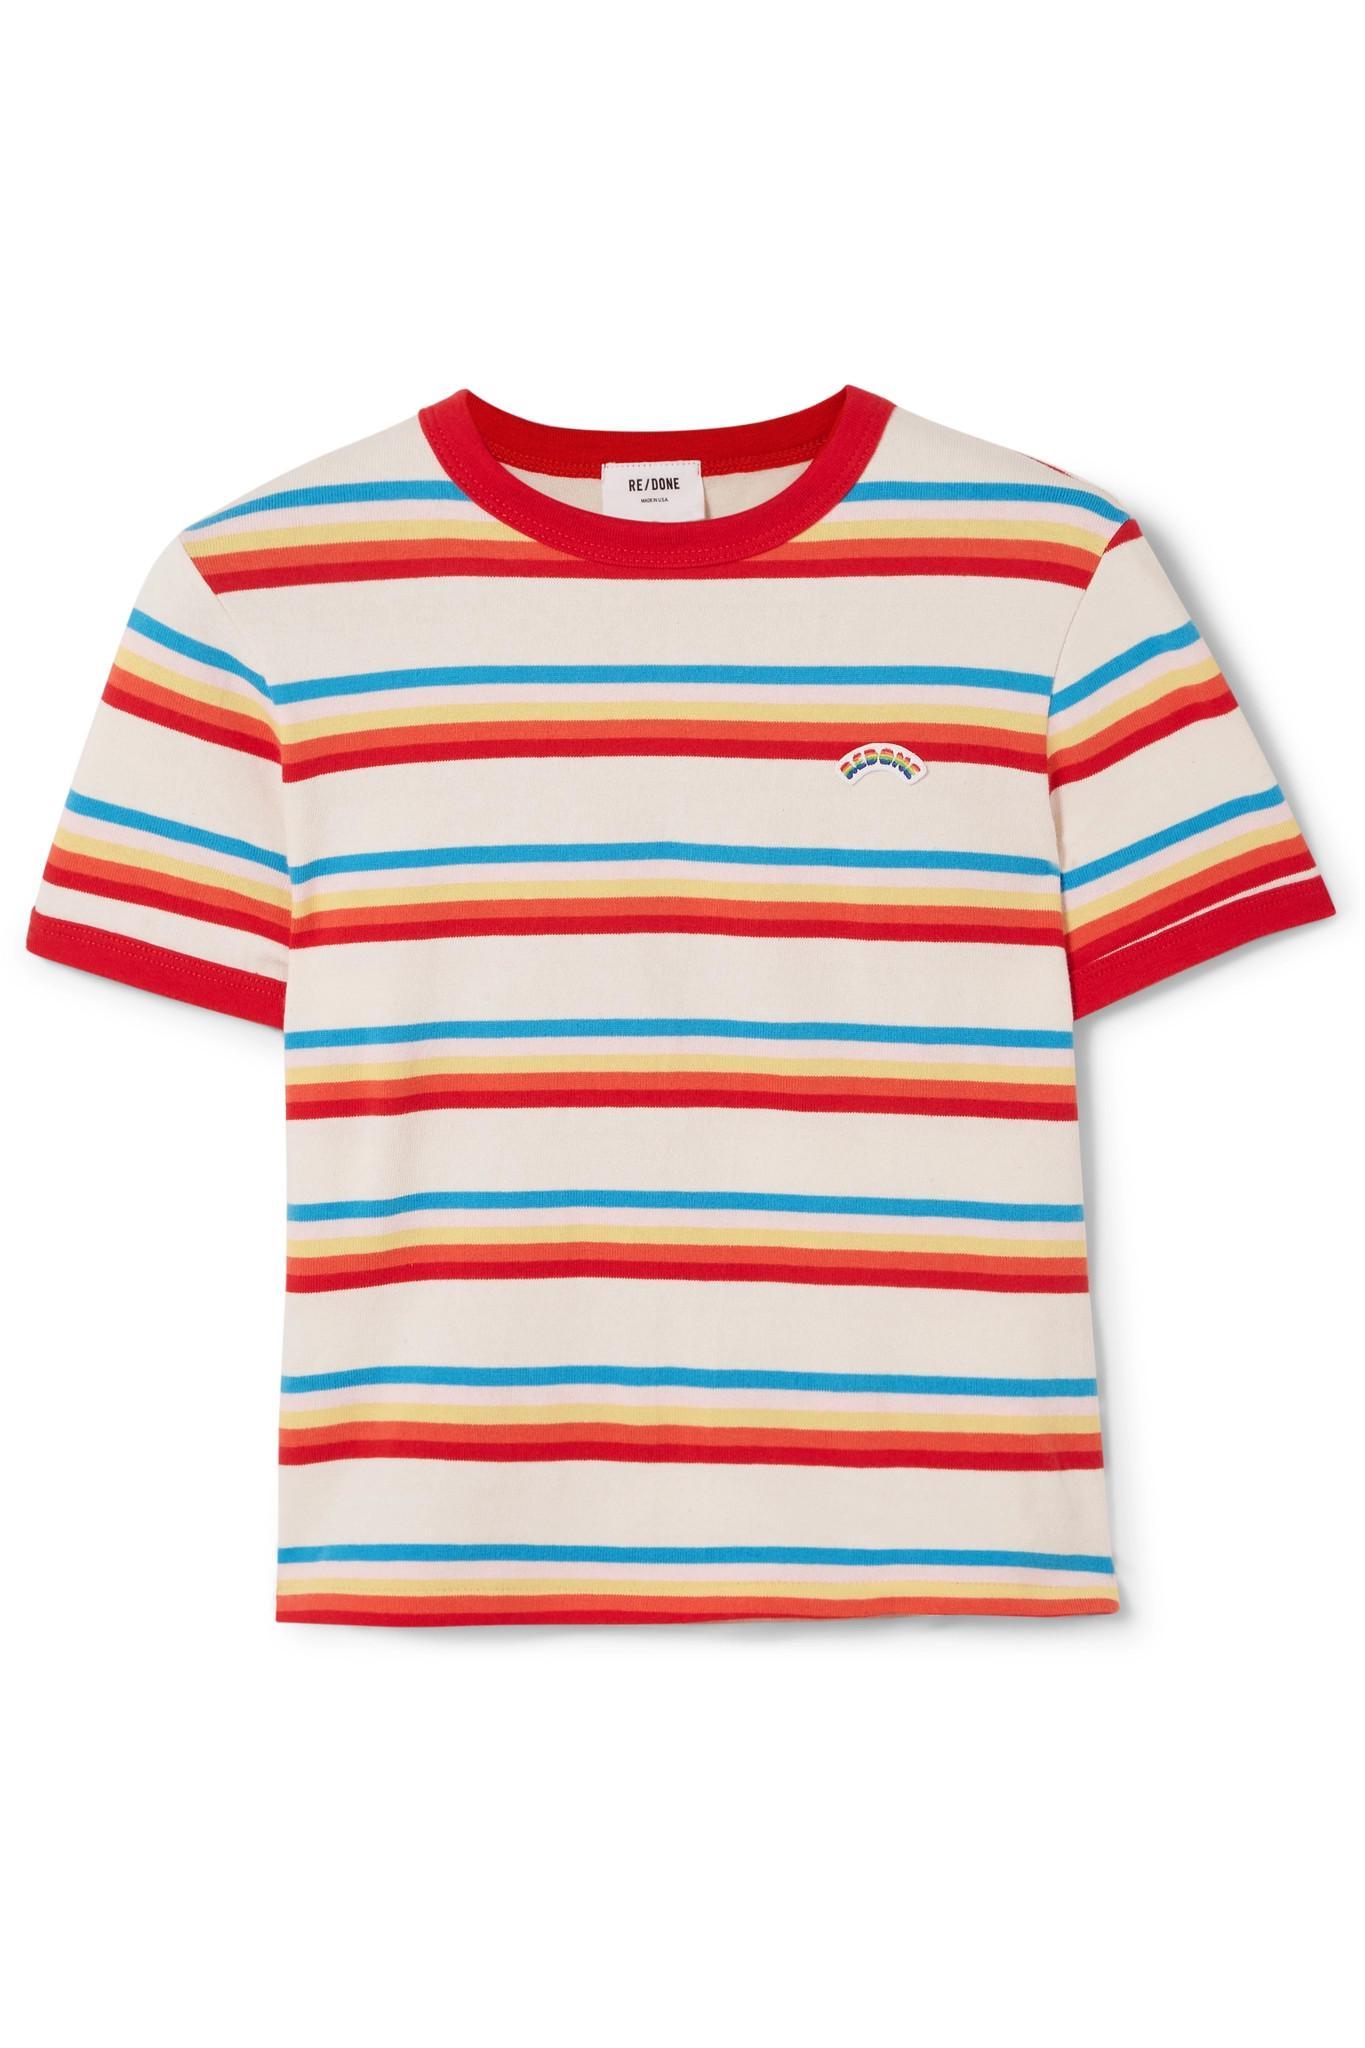 cc8197c30966b T-shirt En Jersey De Coton à Rayures Années 70 RE/DONE en coloris ...